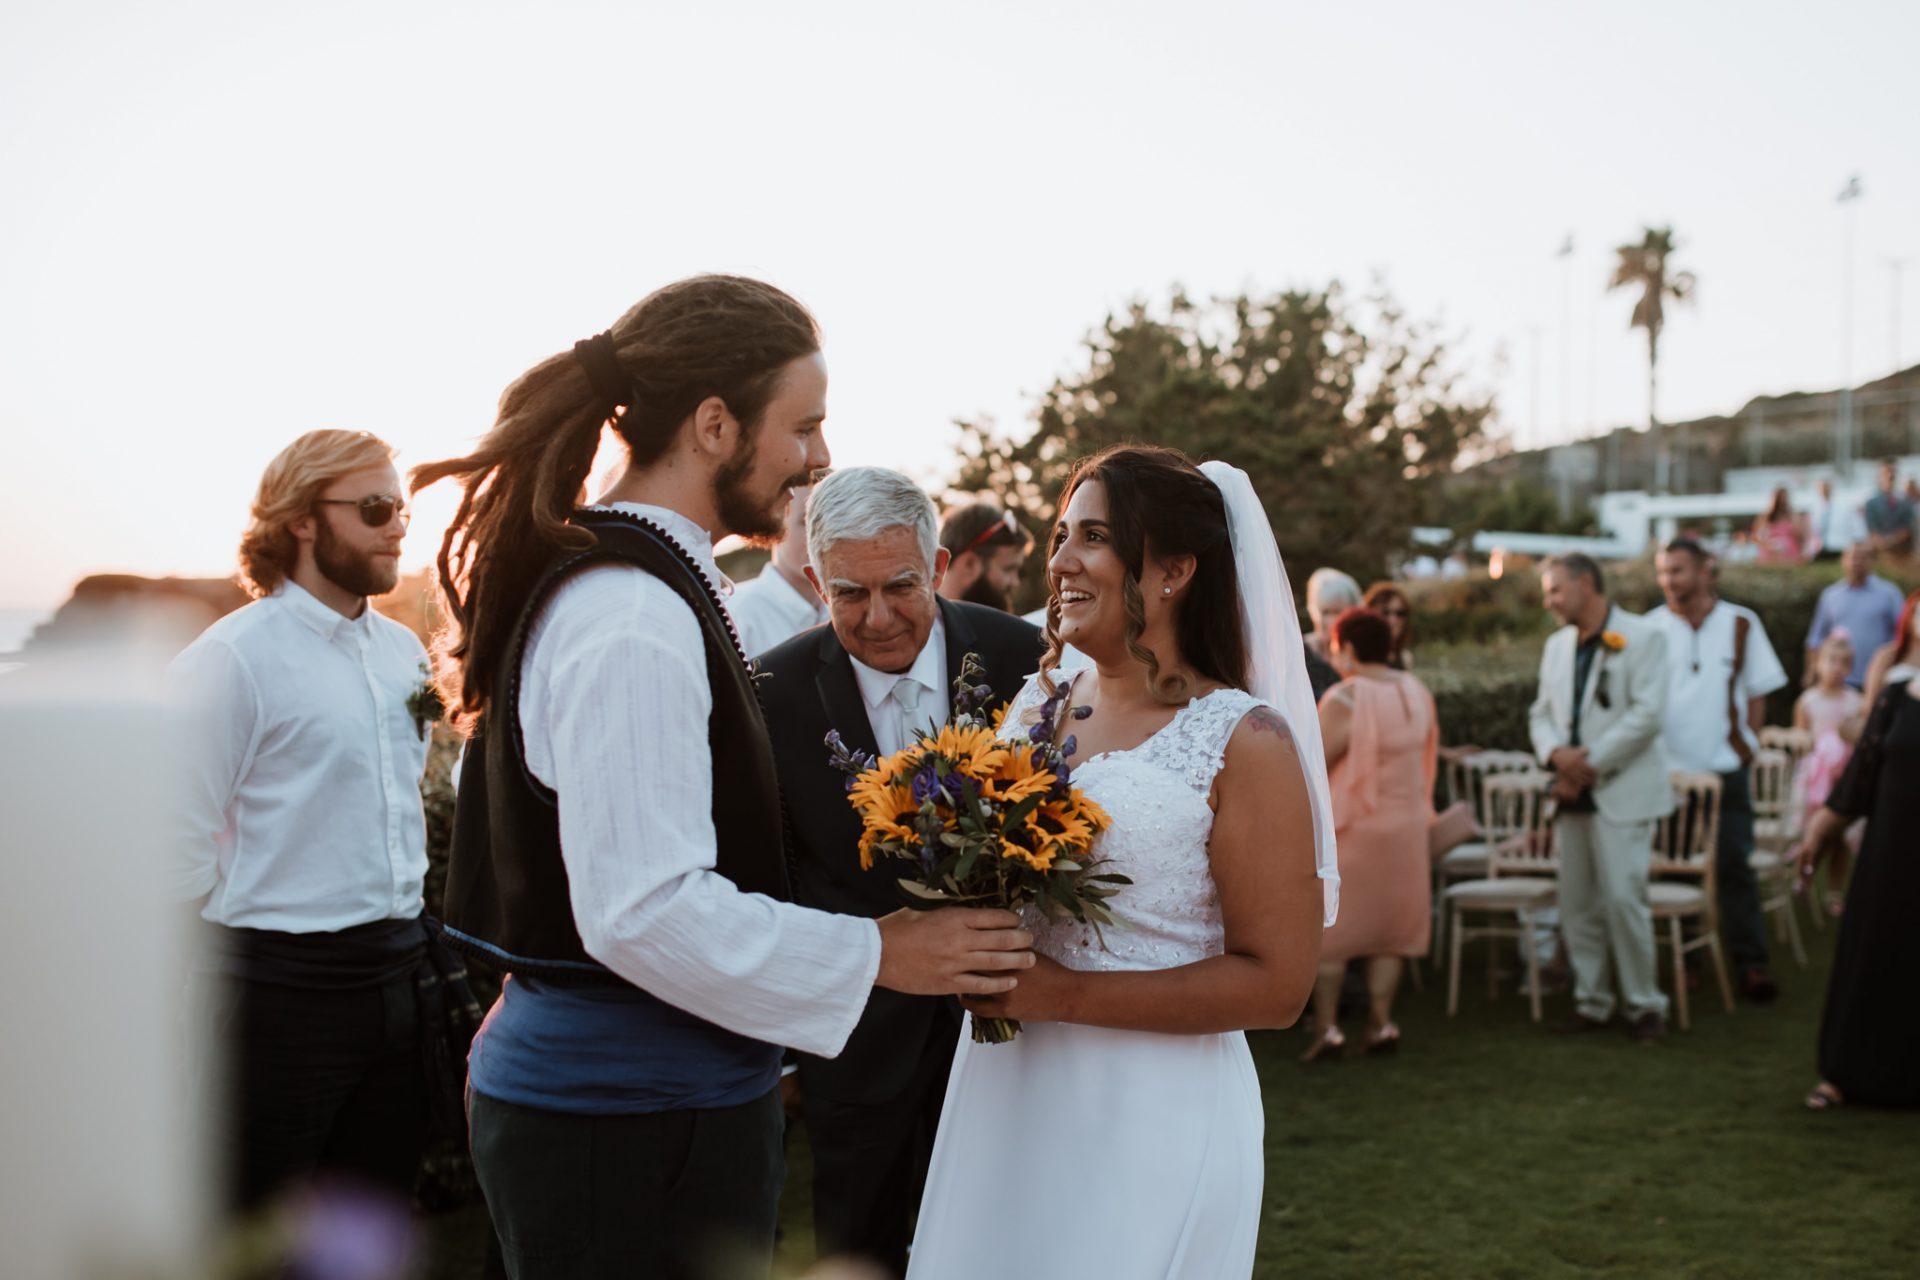 groom hands the bride the wedding bouquet